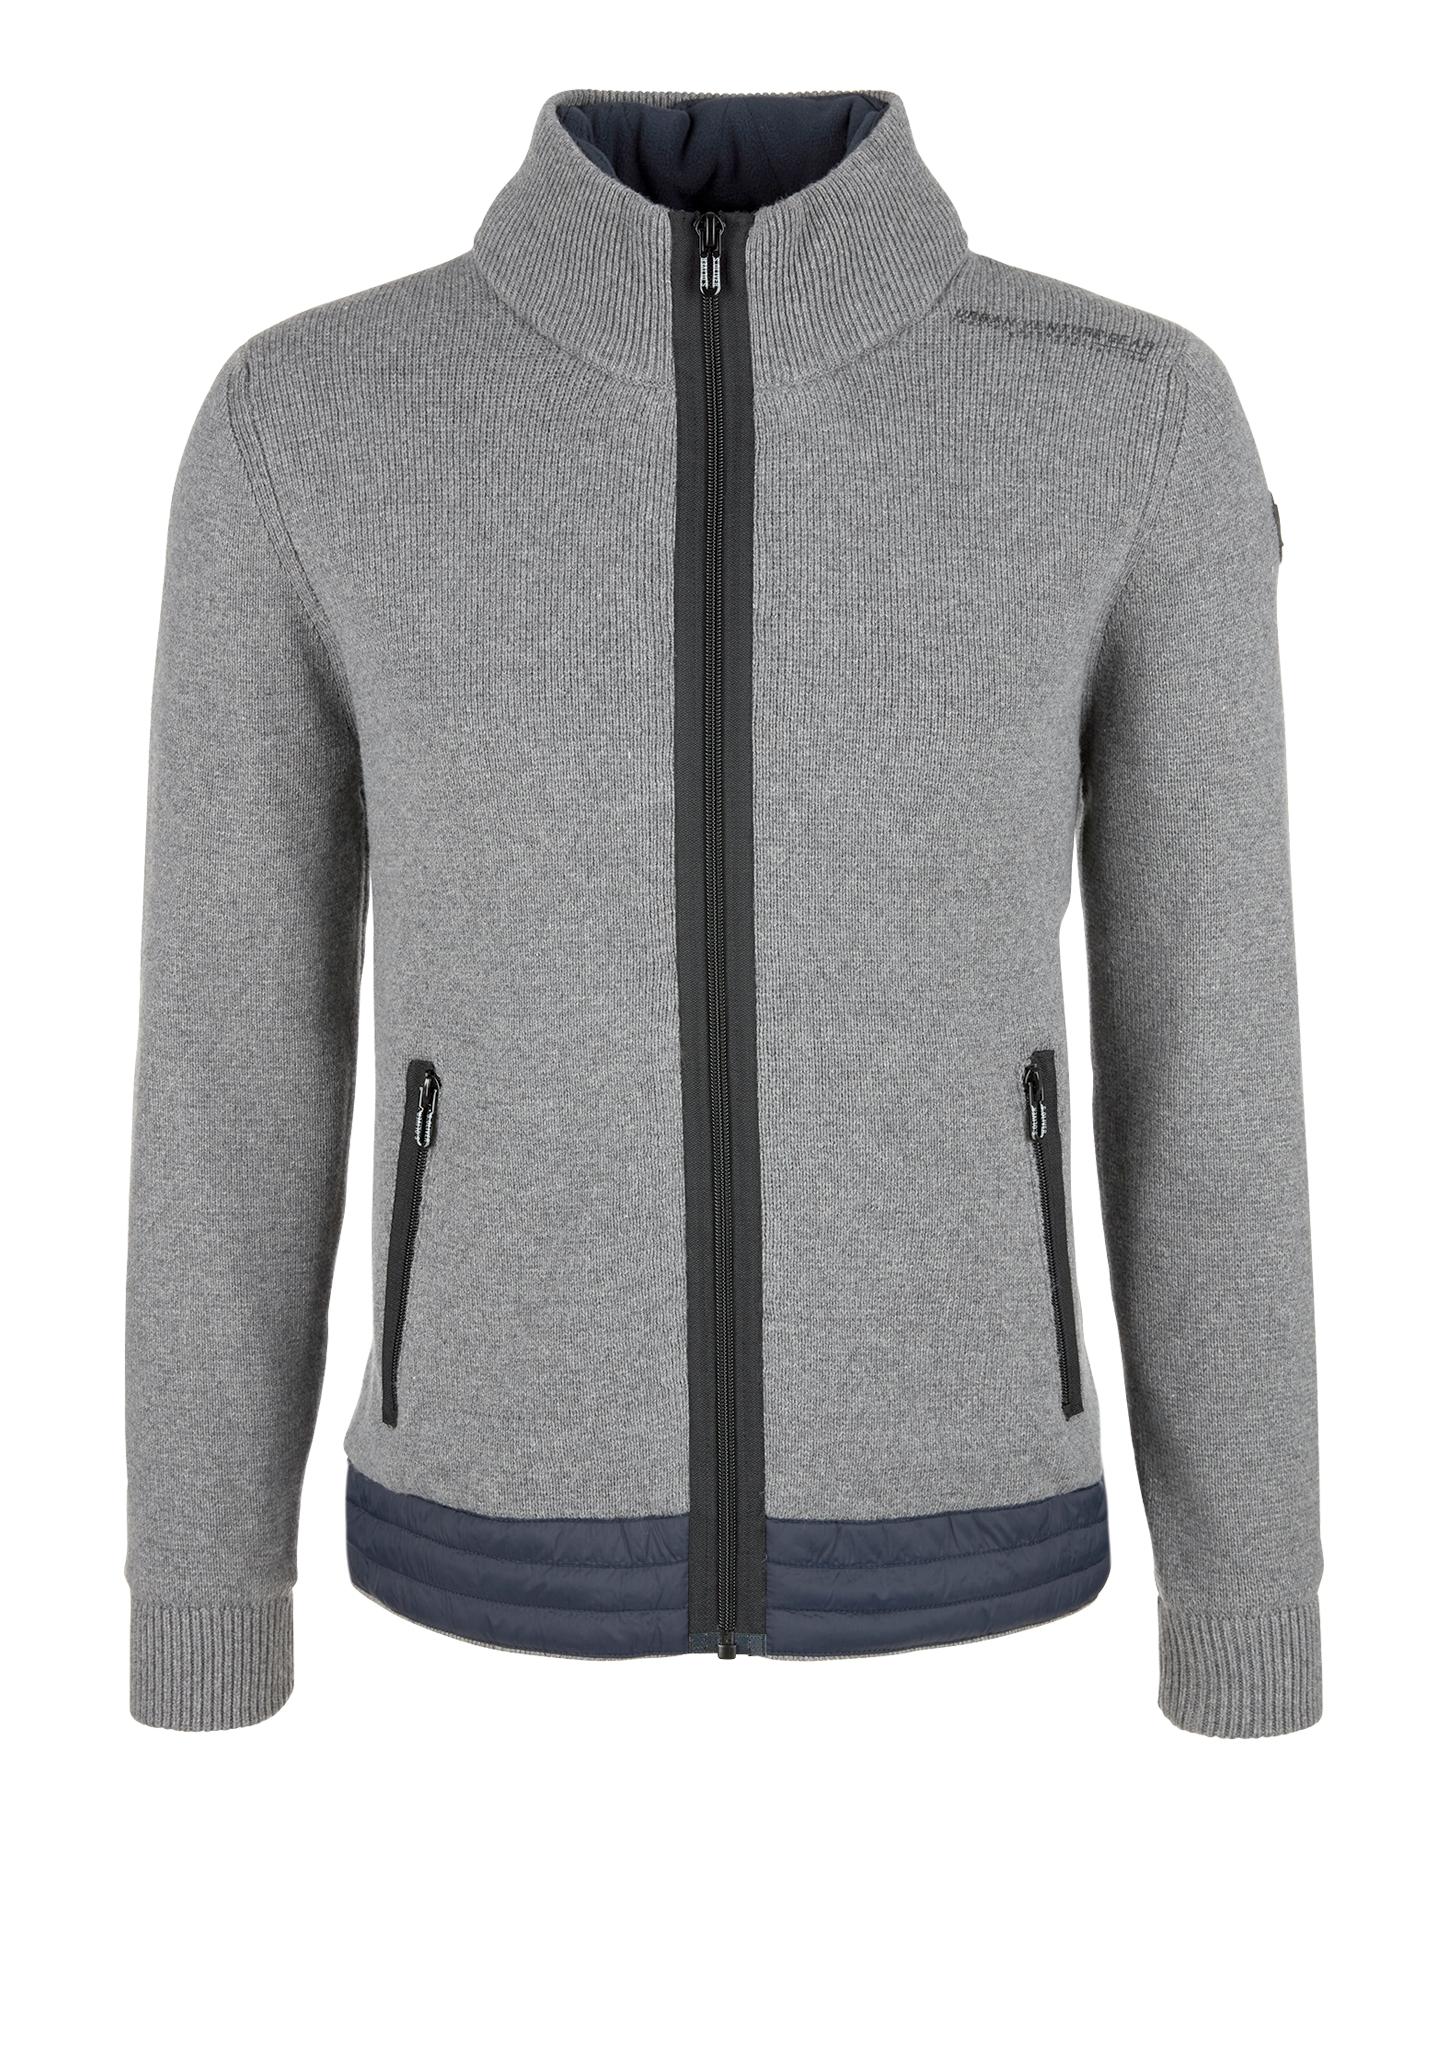 Outdoor-Strickjacke | Sportbekleidung > Sportjacken > Outdoorjacken | Grau/schwarz | Garn 47% baumwolle -  28% polyamid -  20% viskose -  5% wolle| obermaterial 100% polyamid| füllmaterial 100% polyester | s.Oliver